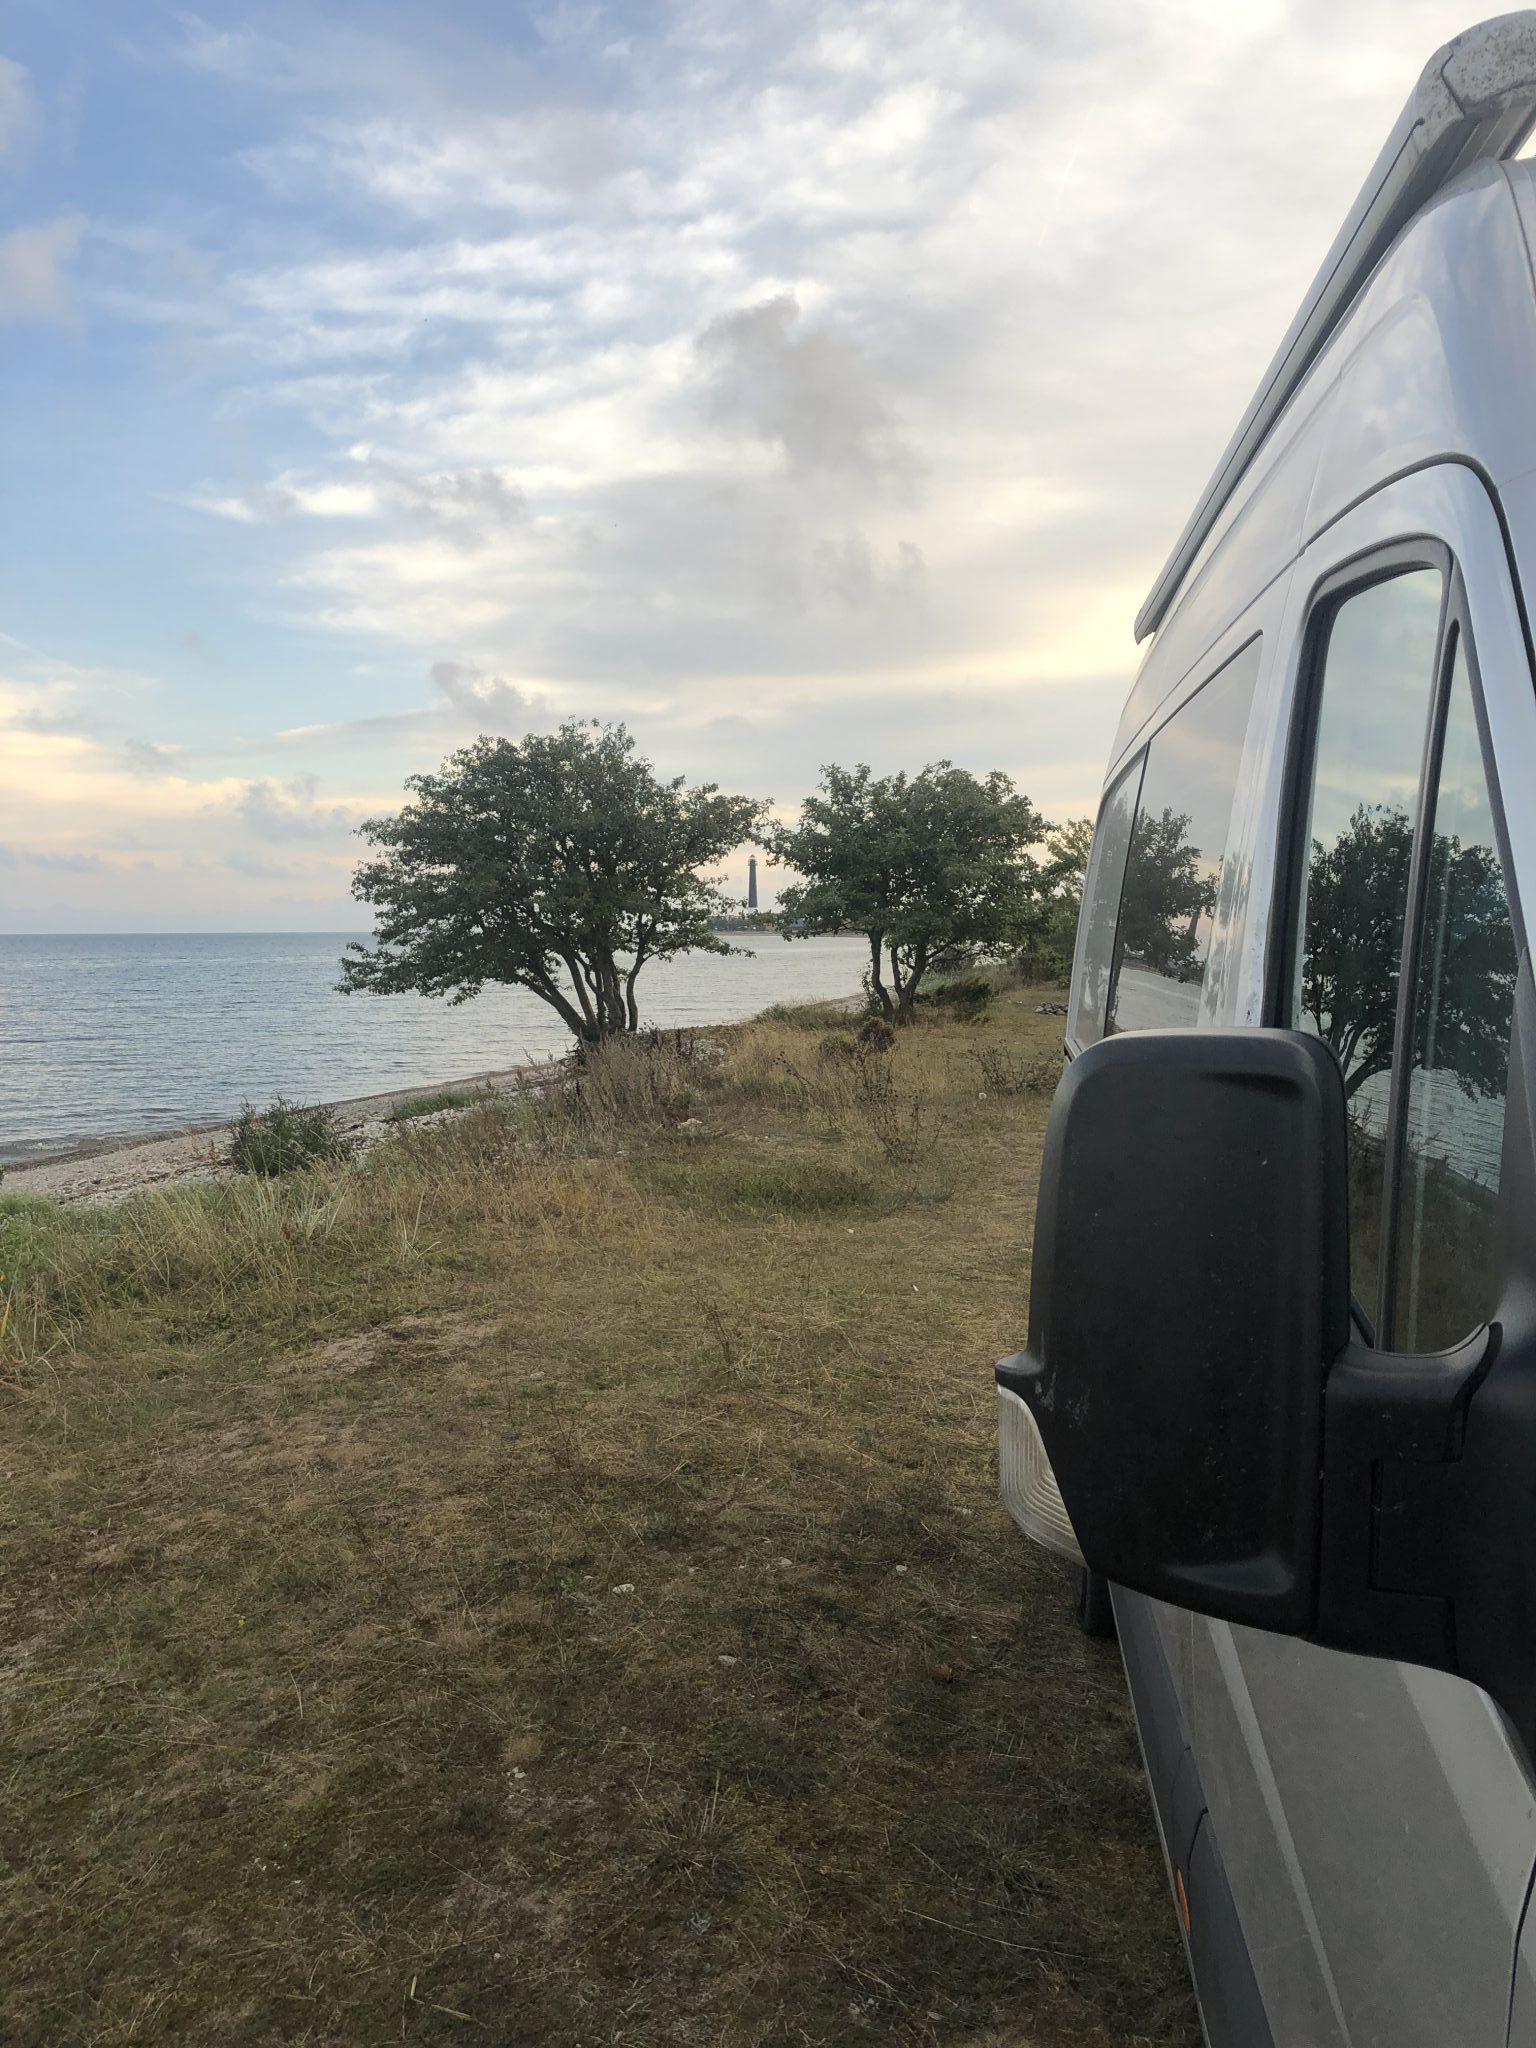 Ein Wohnmobilstellplatz direkt am Meer mit kleinen Bäumen auf Saarema in der Nähe von Saare